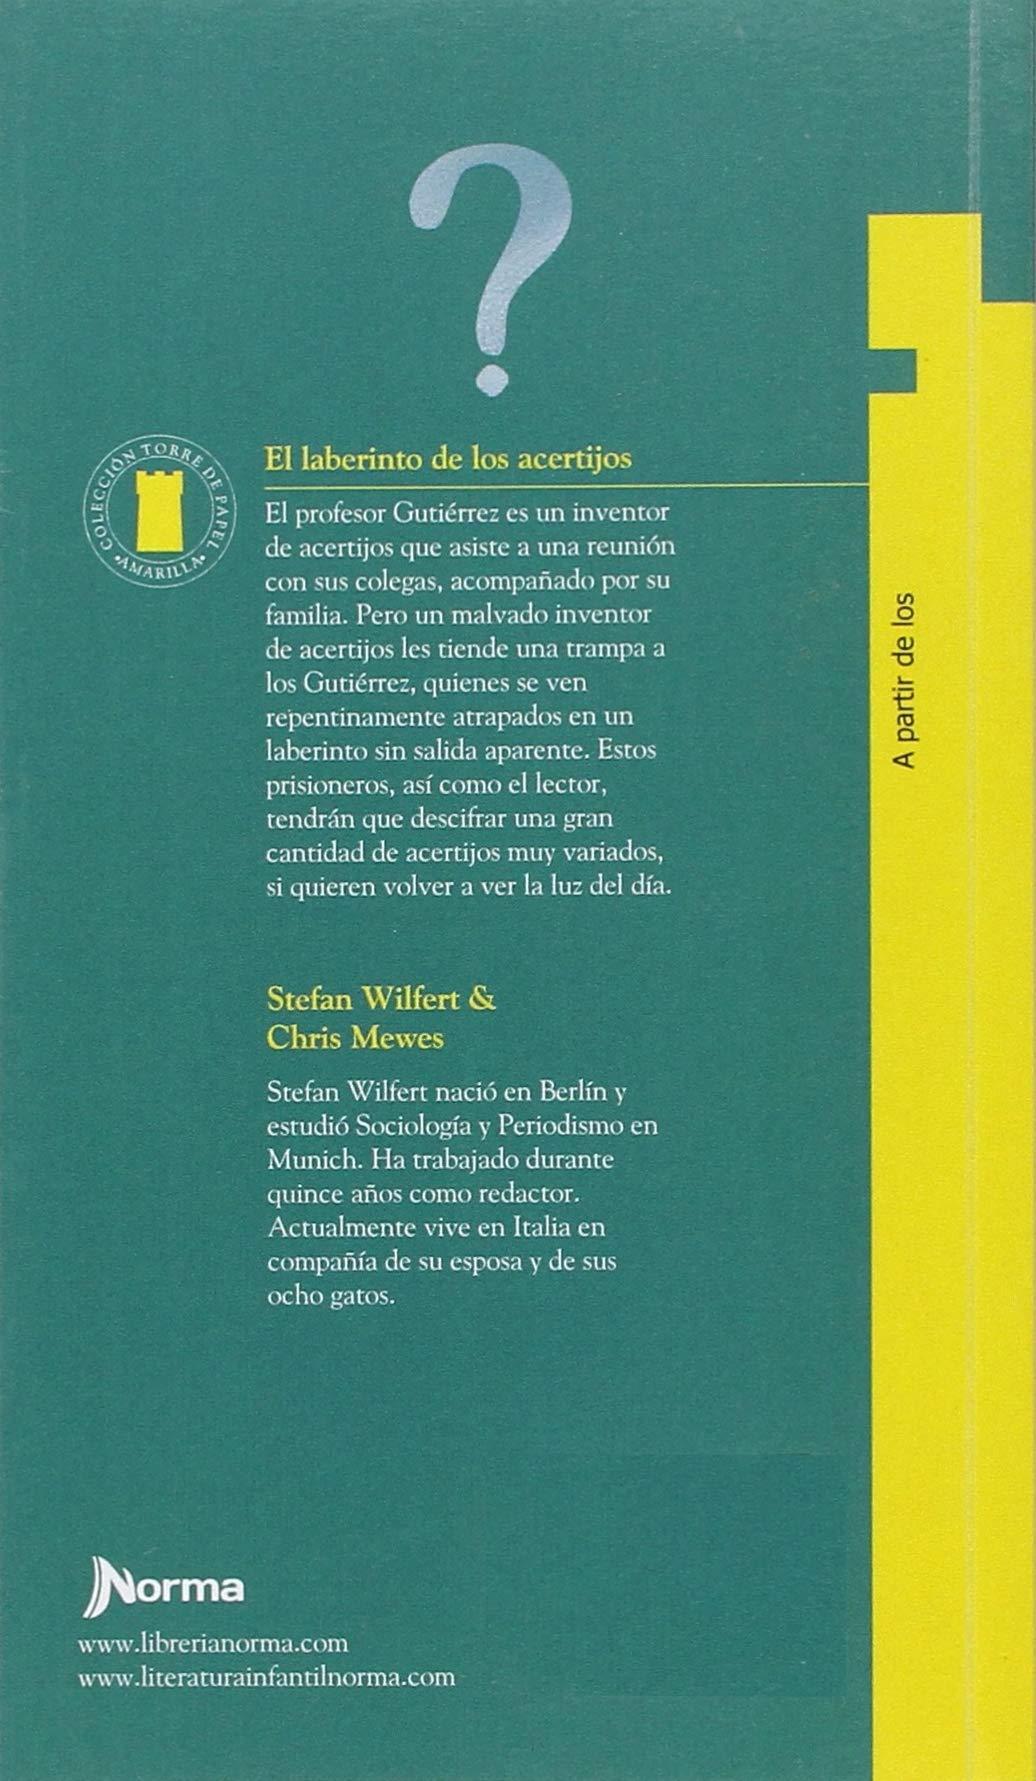 El Laberinto de Los Acertijos (Torre de Papel Amarilla) (Spanish Edition): Chris Mewes, Stefan Wilfert: 9789580481720: Amazon.com: Books